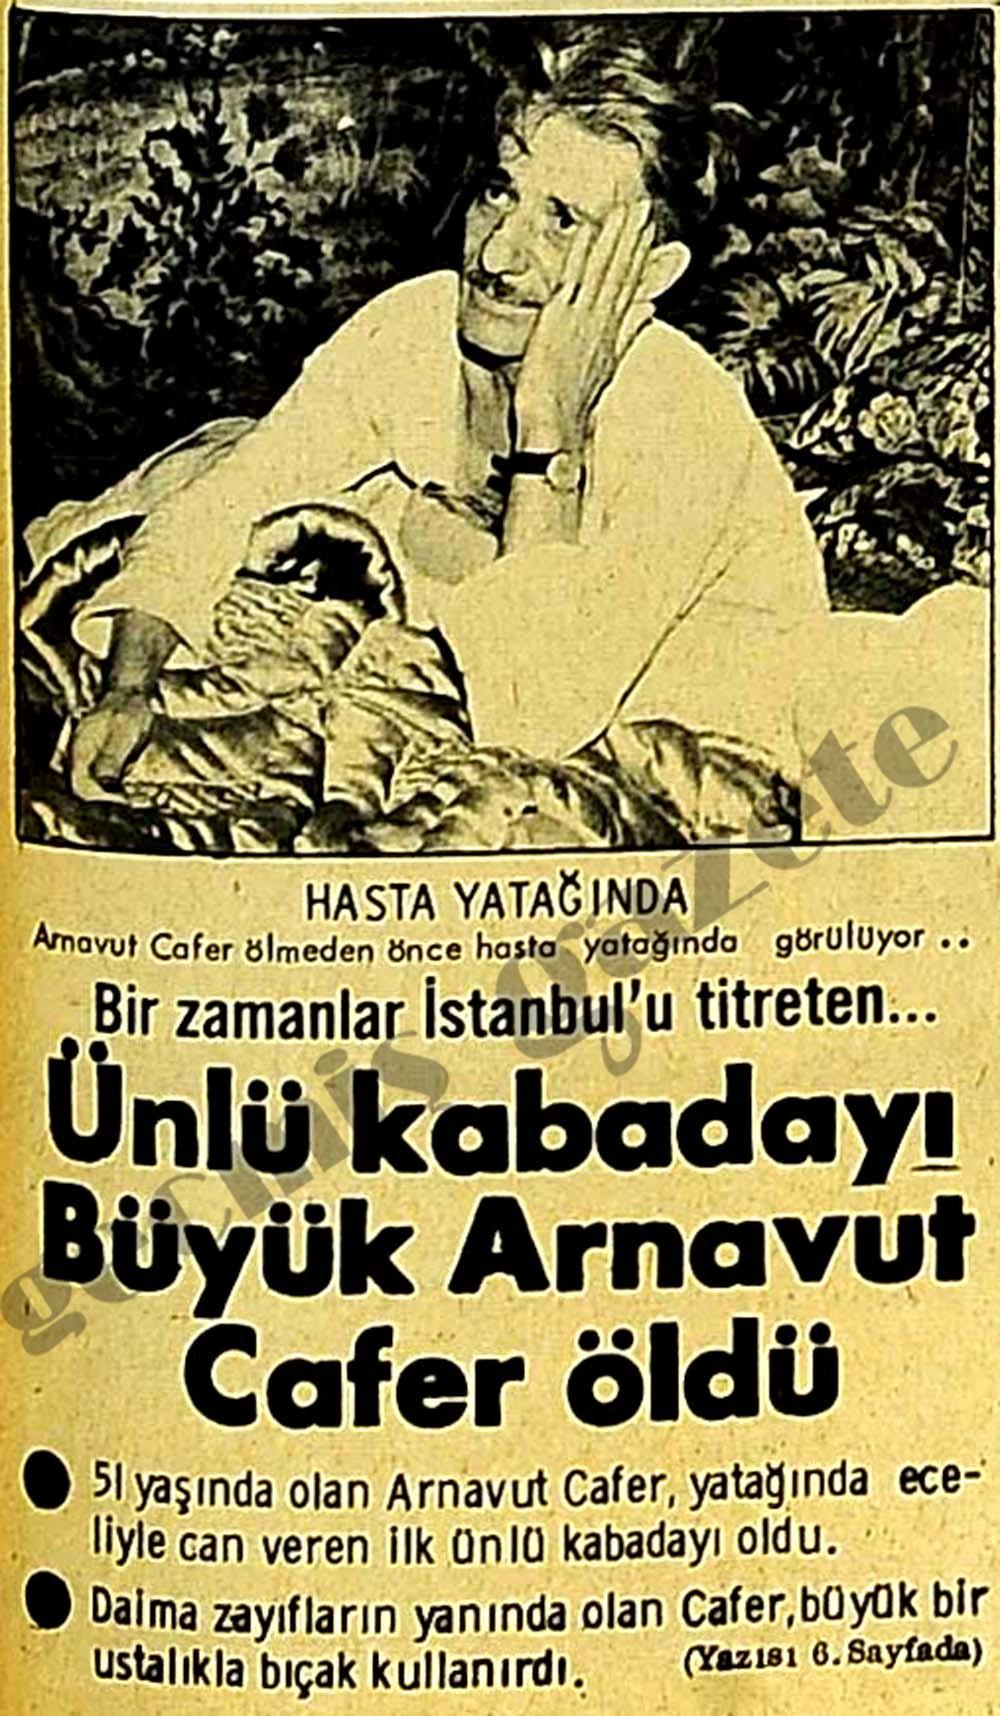 Ünlü kabadayı Büyük Arnavut Cafer öldü